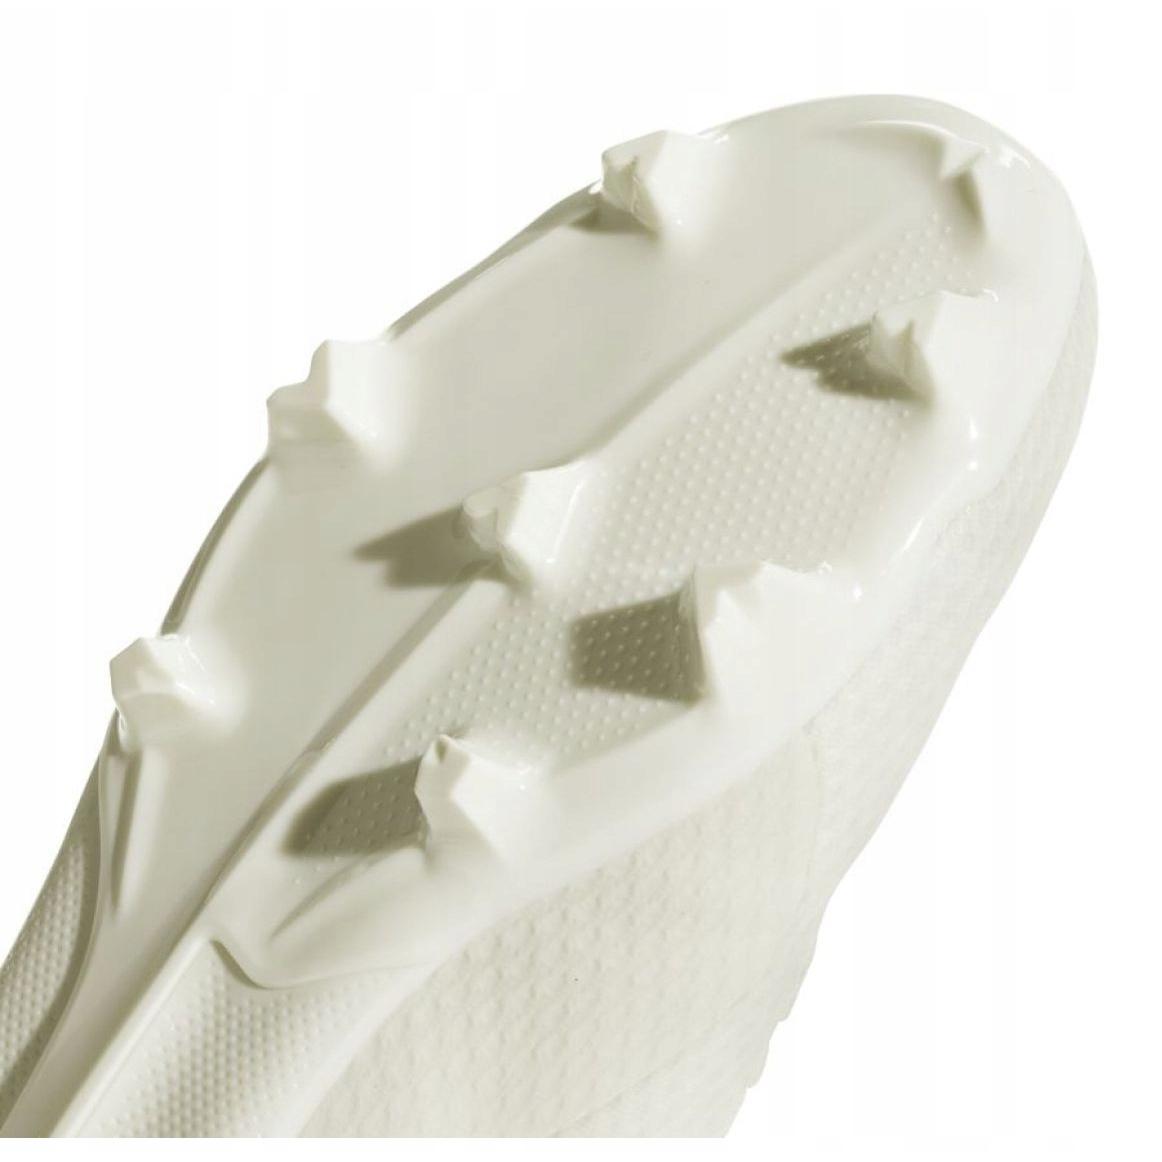 Foci cipő adidas X 18.3 Fg Jr DB2417 fehér fehér